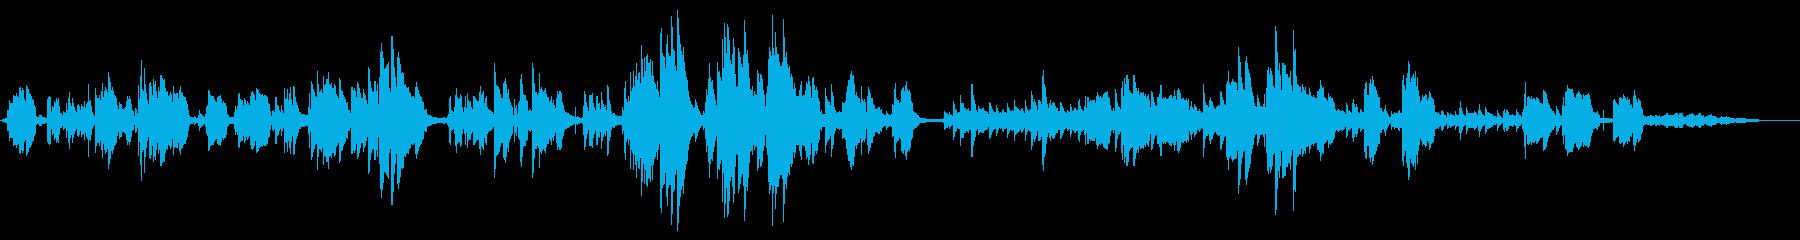 ポップ/ロック、女性ボーカル。柔ら...の再生済みの波形